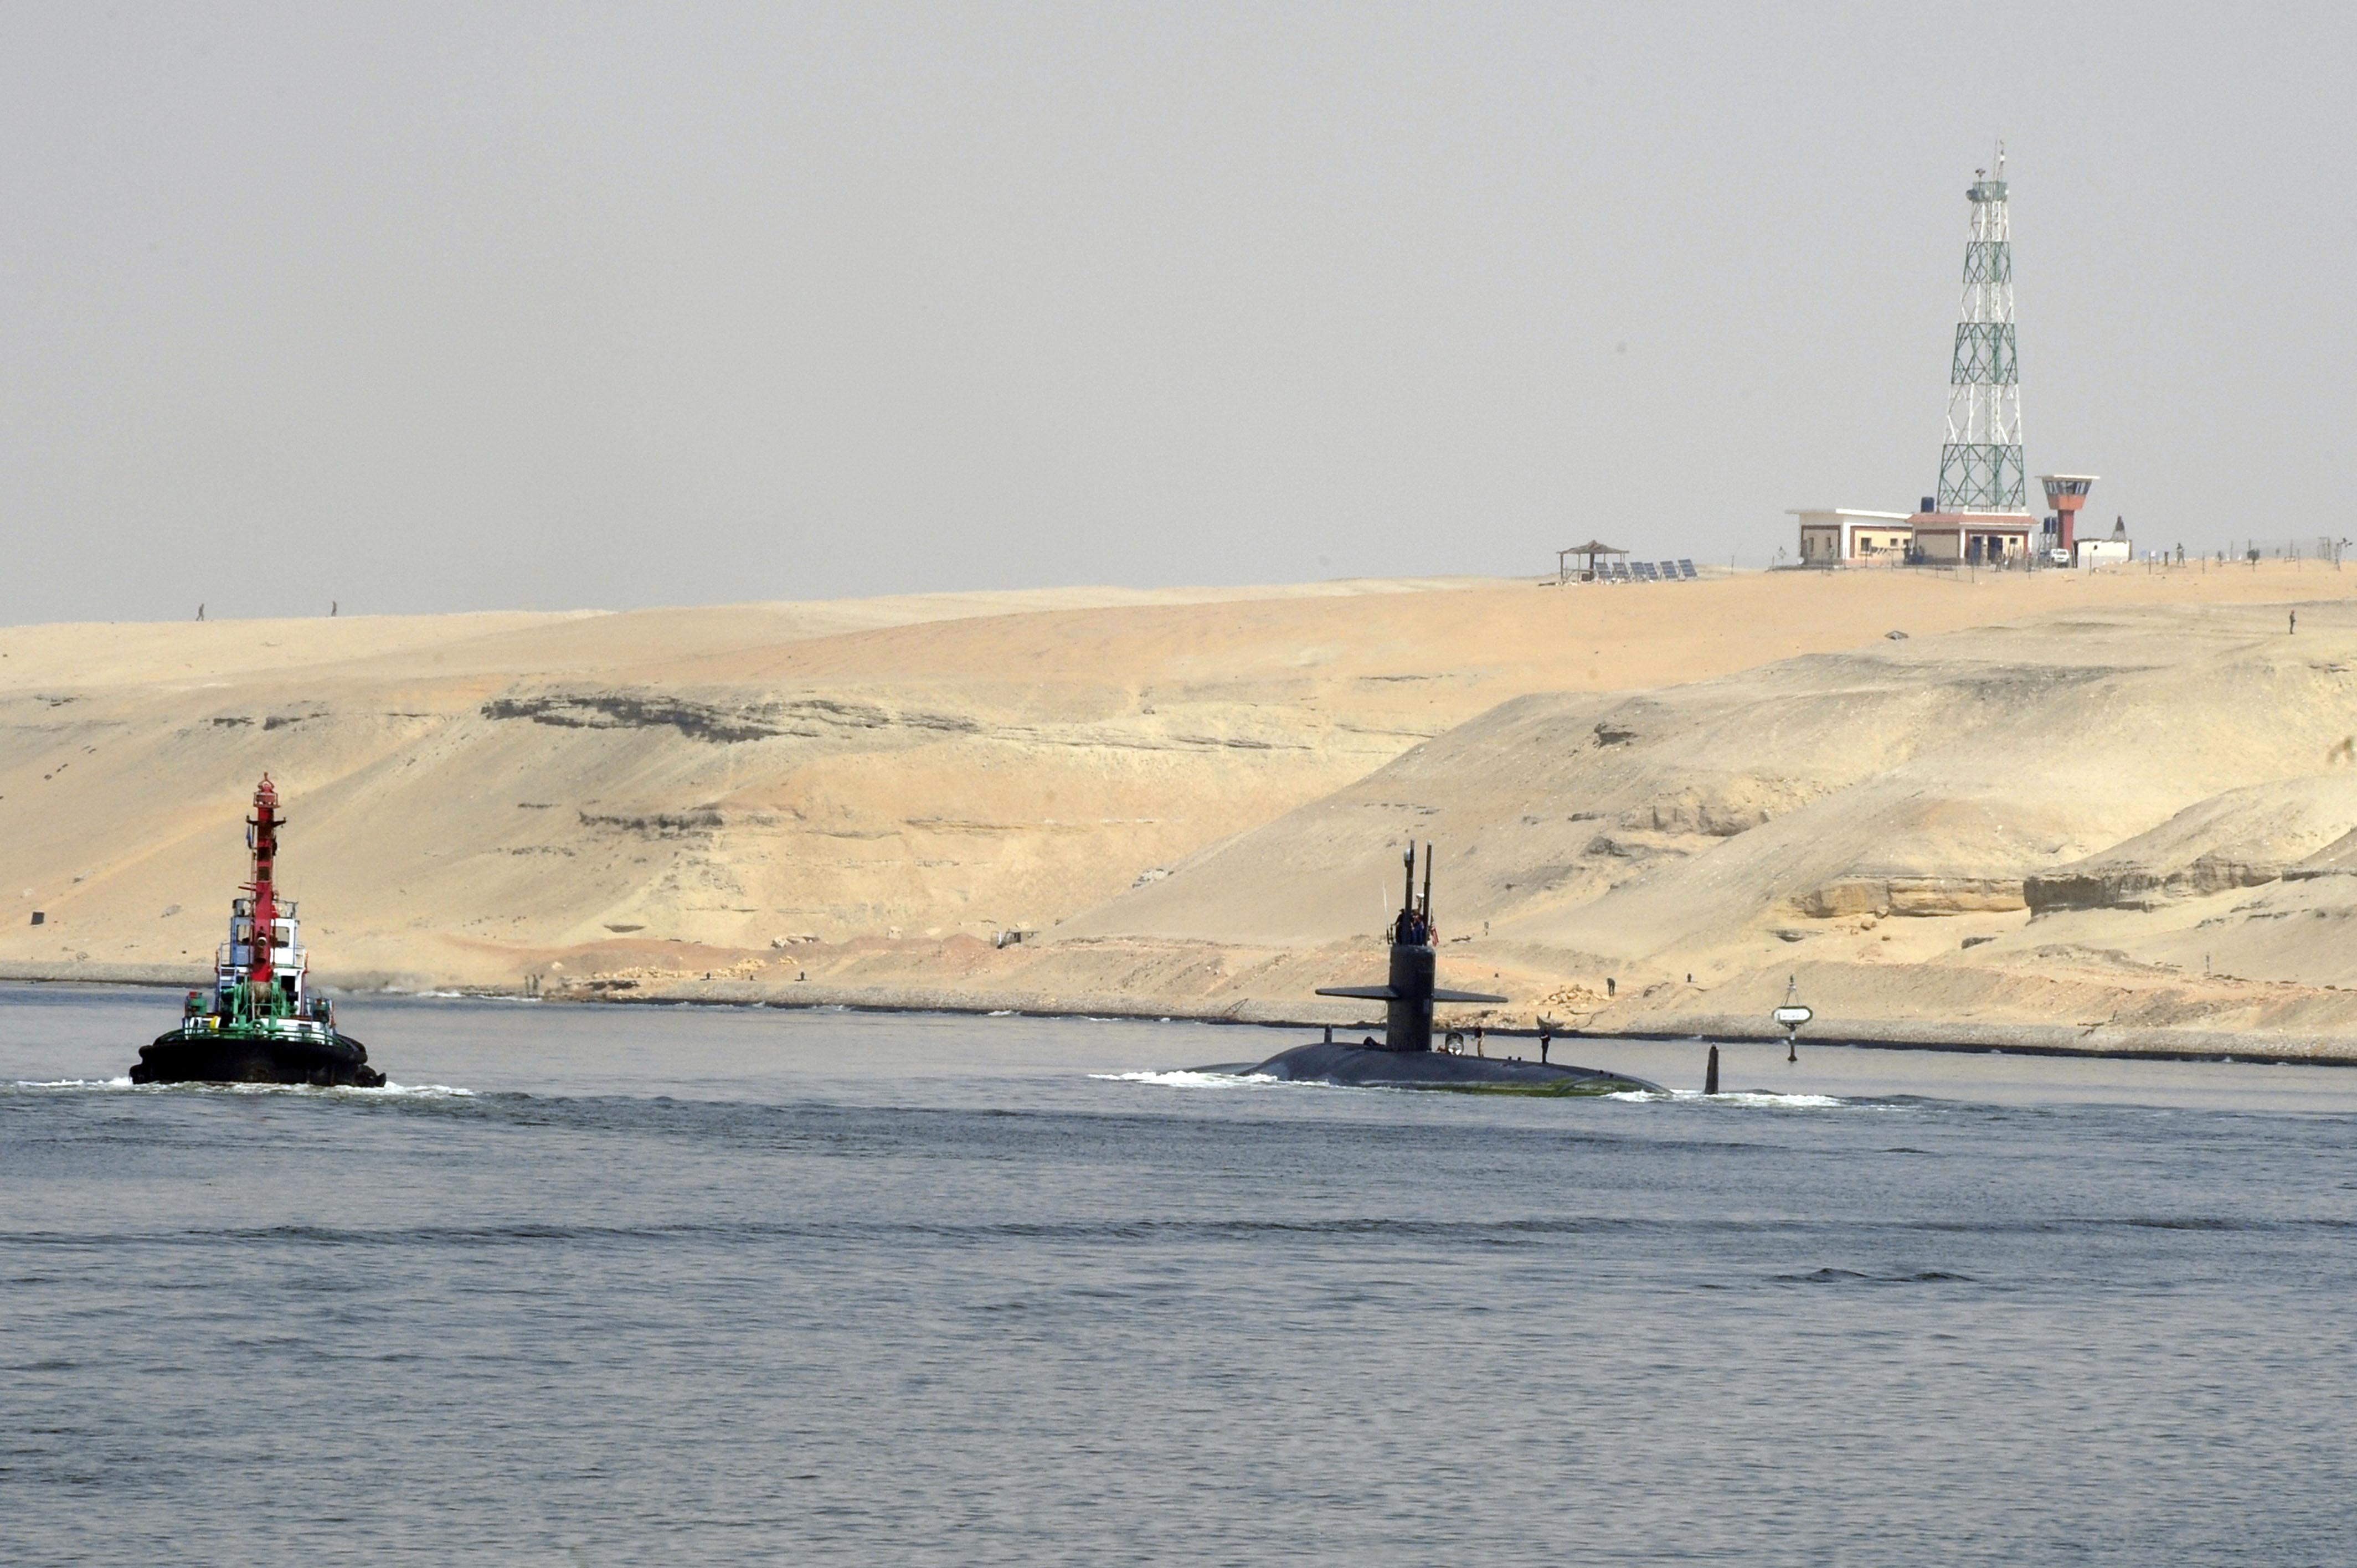 USS NORFOLK SSN-714 am 04.10.2012 im Suez-KanalBild: U.S. Navy